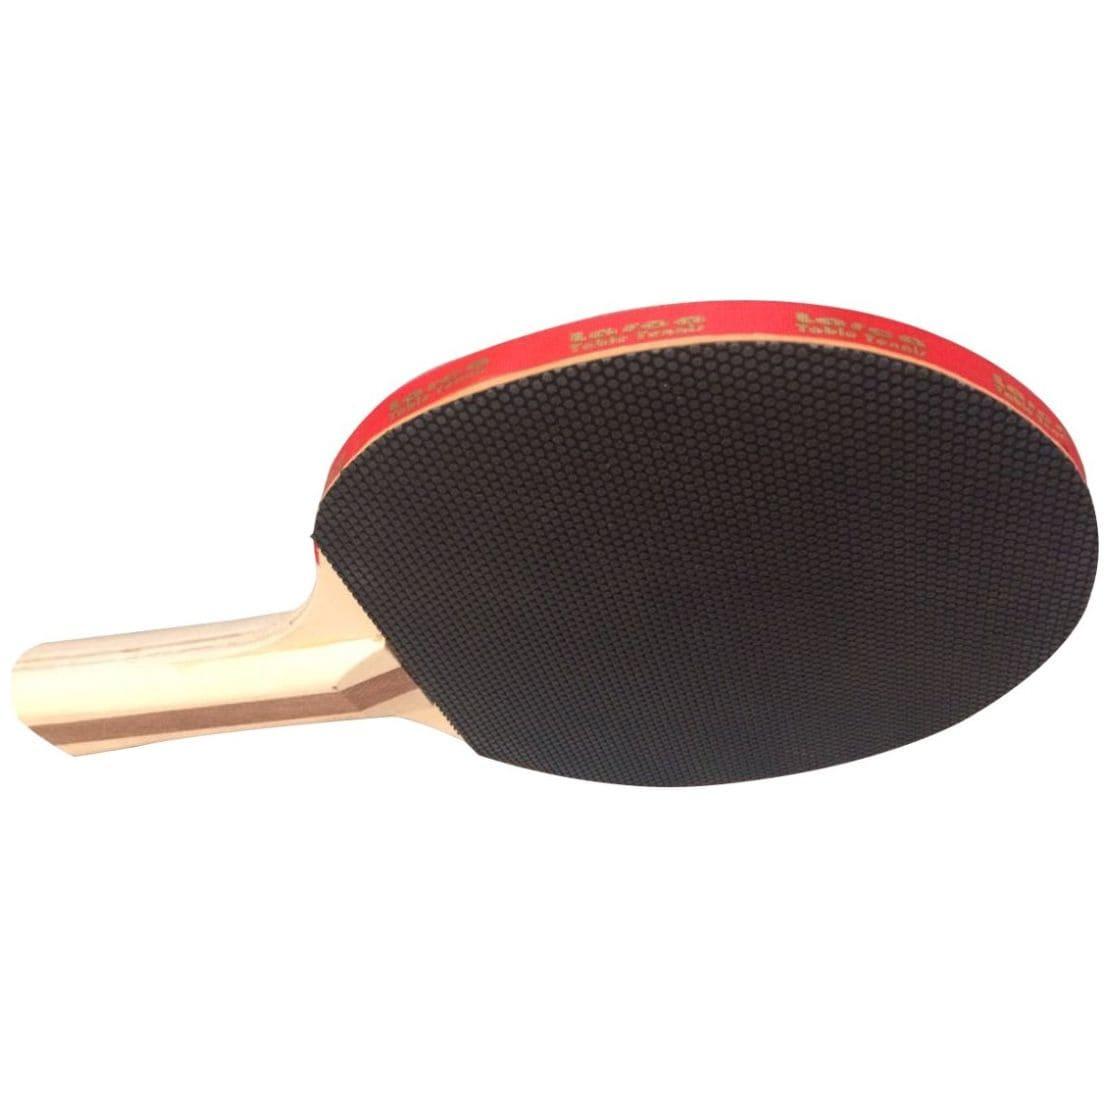 Raqueta Individual Ping Pong Larca